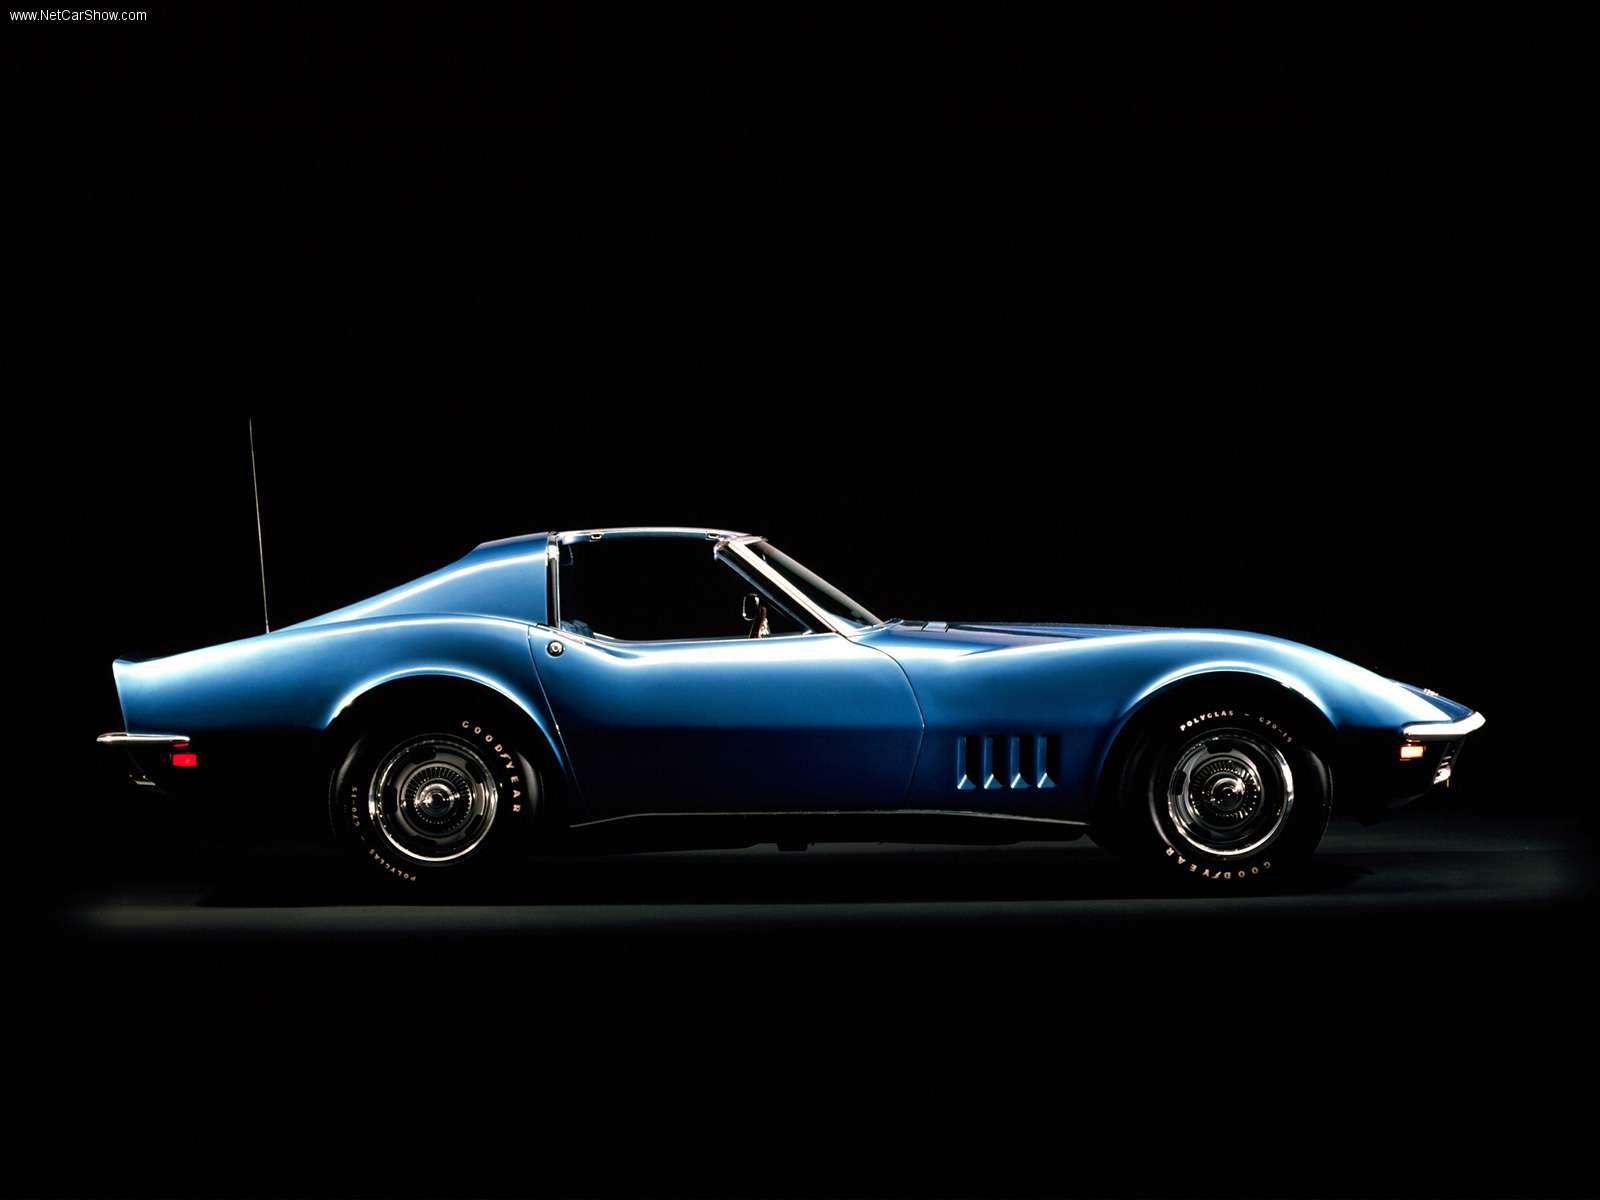 http://2.bp.blogspot.com/_LKgh9-FfLD0/S80GIxXX38I/AAAAAAAABQ4/6Az-pkiW7mY/s1600/Chevrolet-Corvette_C3_1968_1600x1200_wallpaper_06.jpg